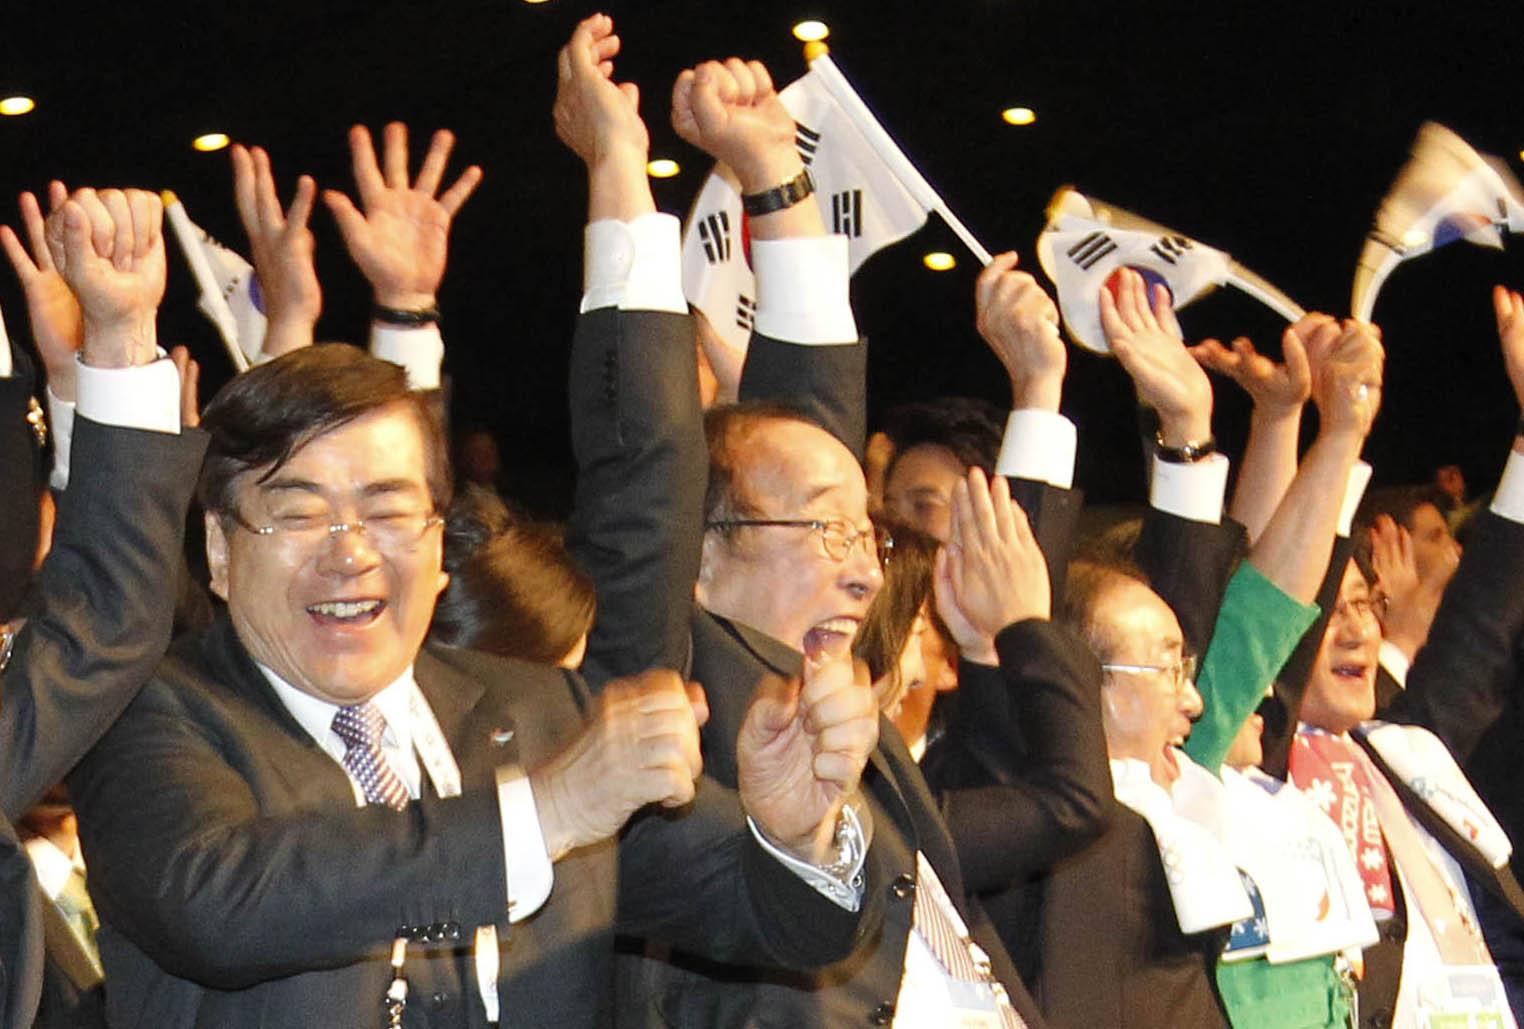 2011년 7월 6일(현지시간) 남아공 더반에서 열린 국제올림픽위원회(IOC) 총회에서 평창 유치 발표에 조양호 회장(왼쪽)등 평창 2018 동계올림픽유치위원회 관계자들이 환호하고 있다. [연합뉴스]